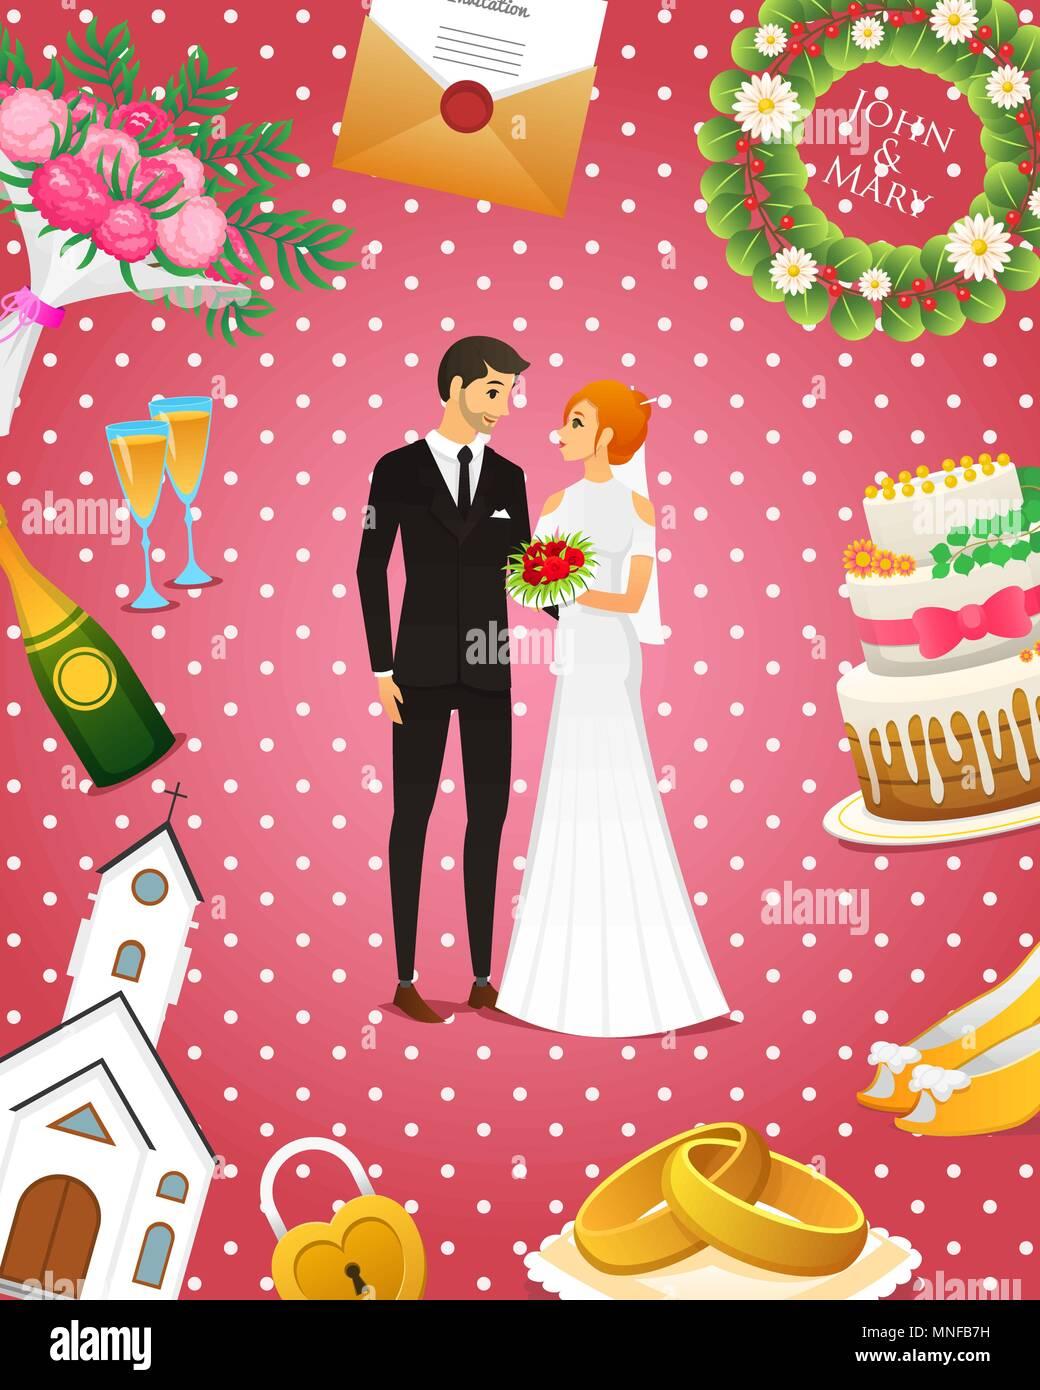 Bride Wedding Card Imágenes De Stock & Bride Wedding Card Fotos De ...